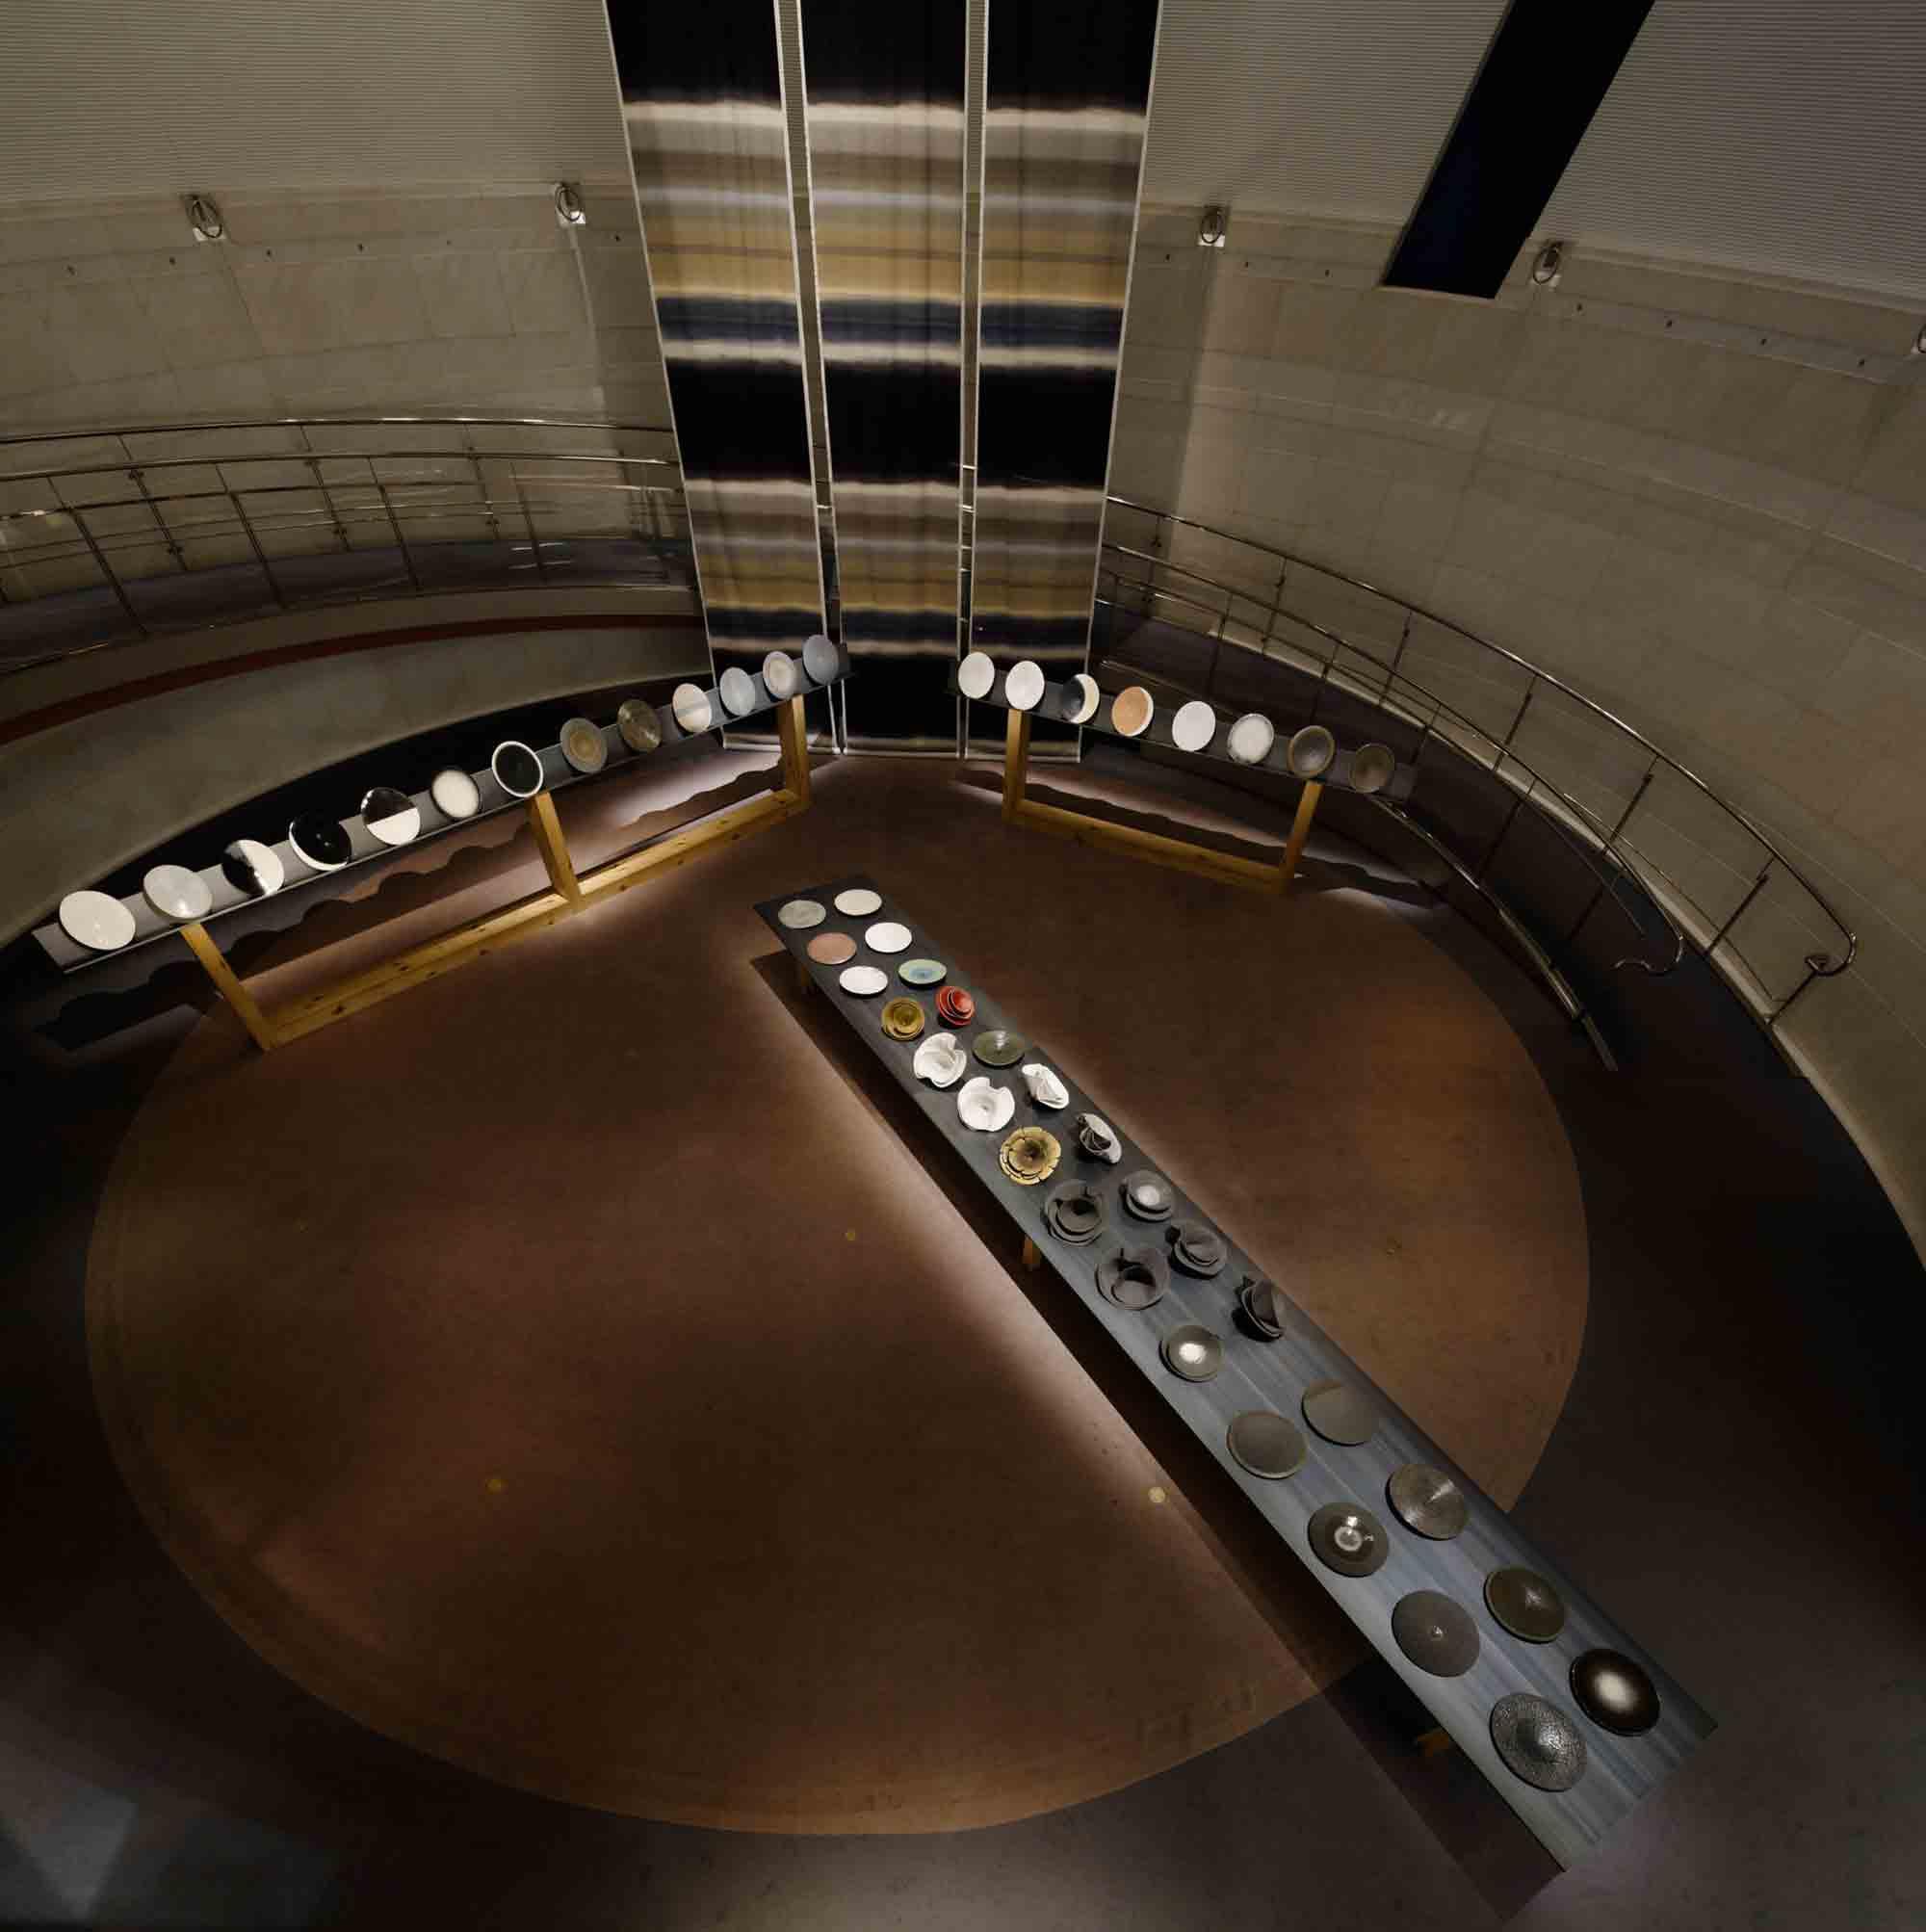 2012年の12月に会場構成デザインを担当した青山スパイラルで開催された石本藤雄「布と陶-冬-」展。 Photography by Nacasa and Partners